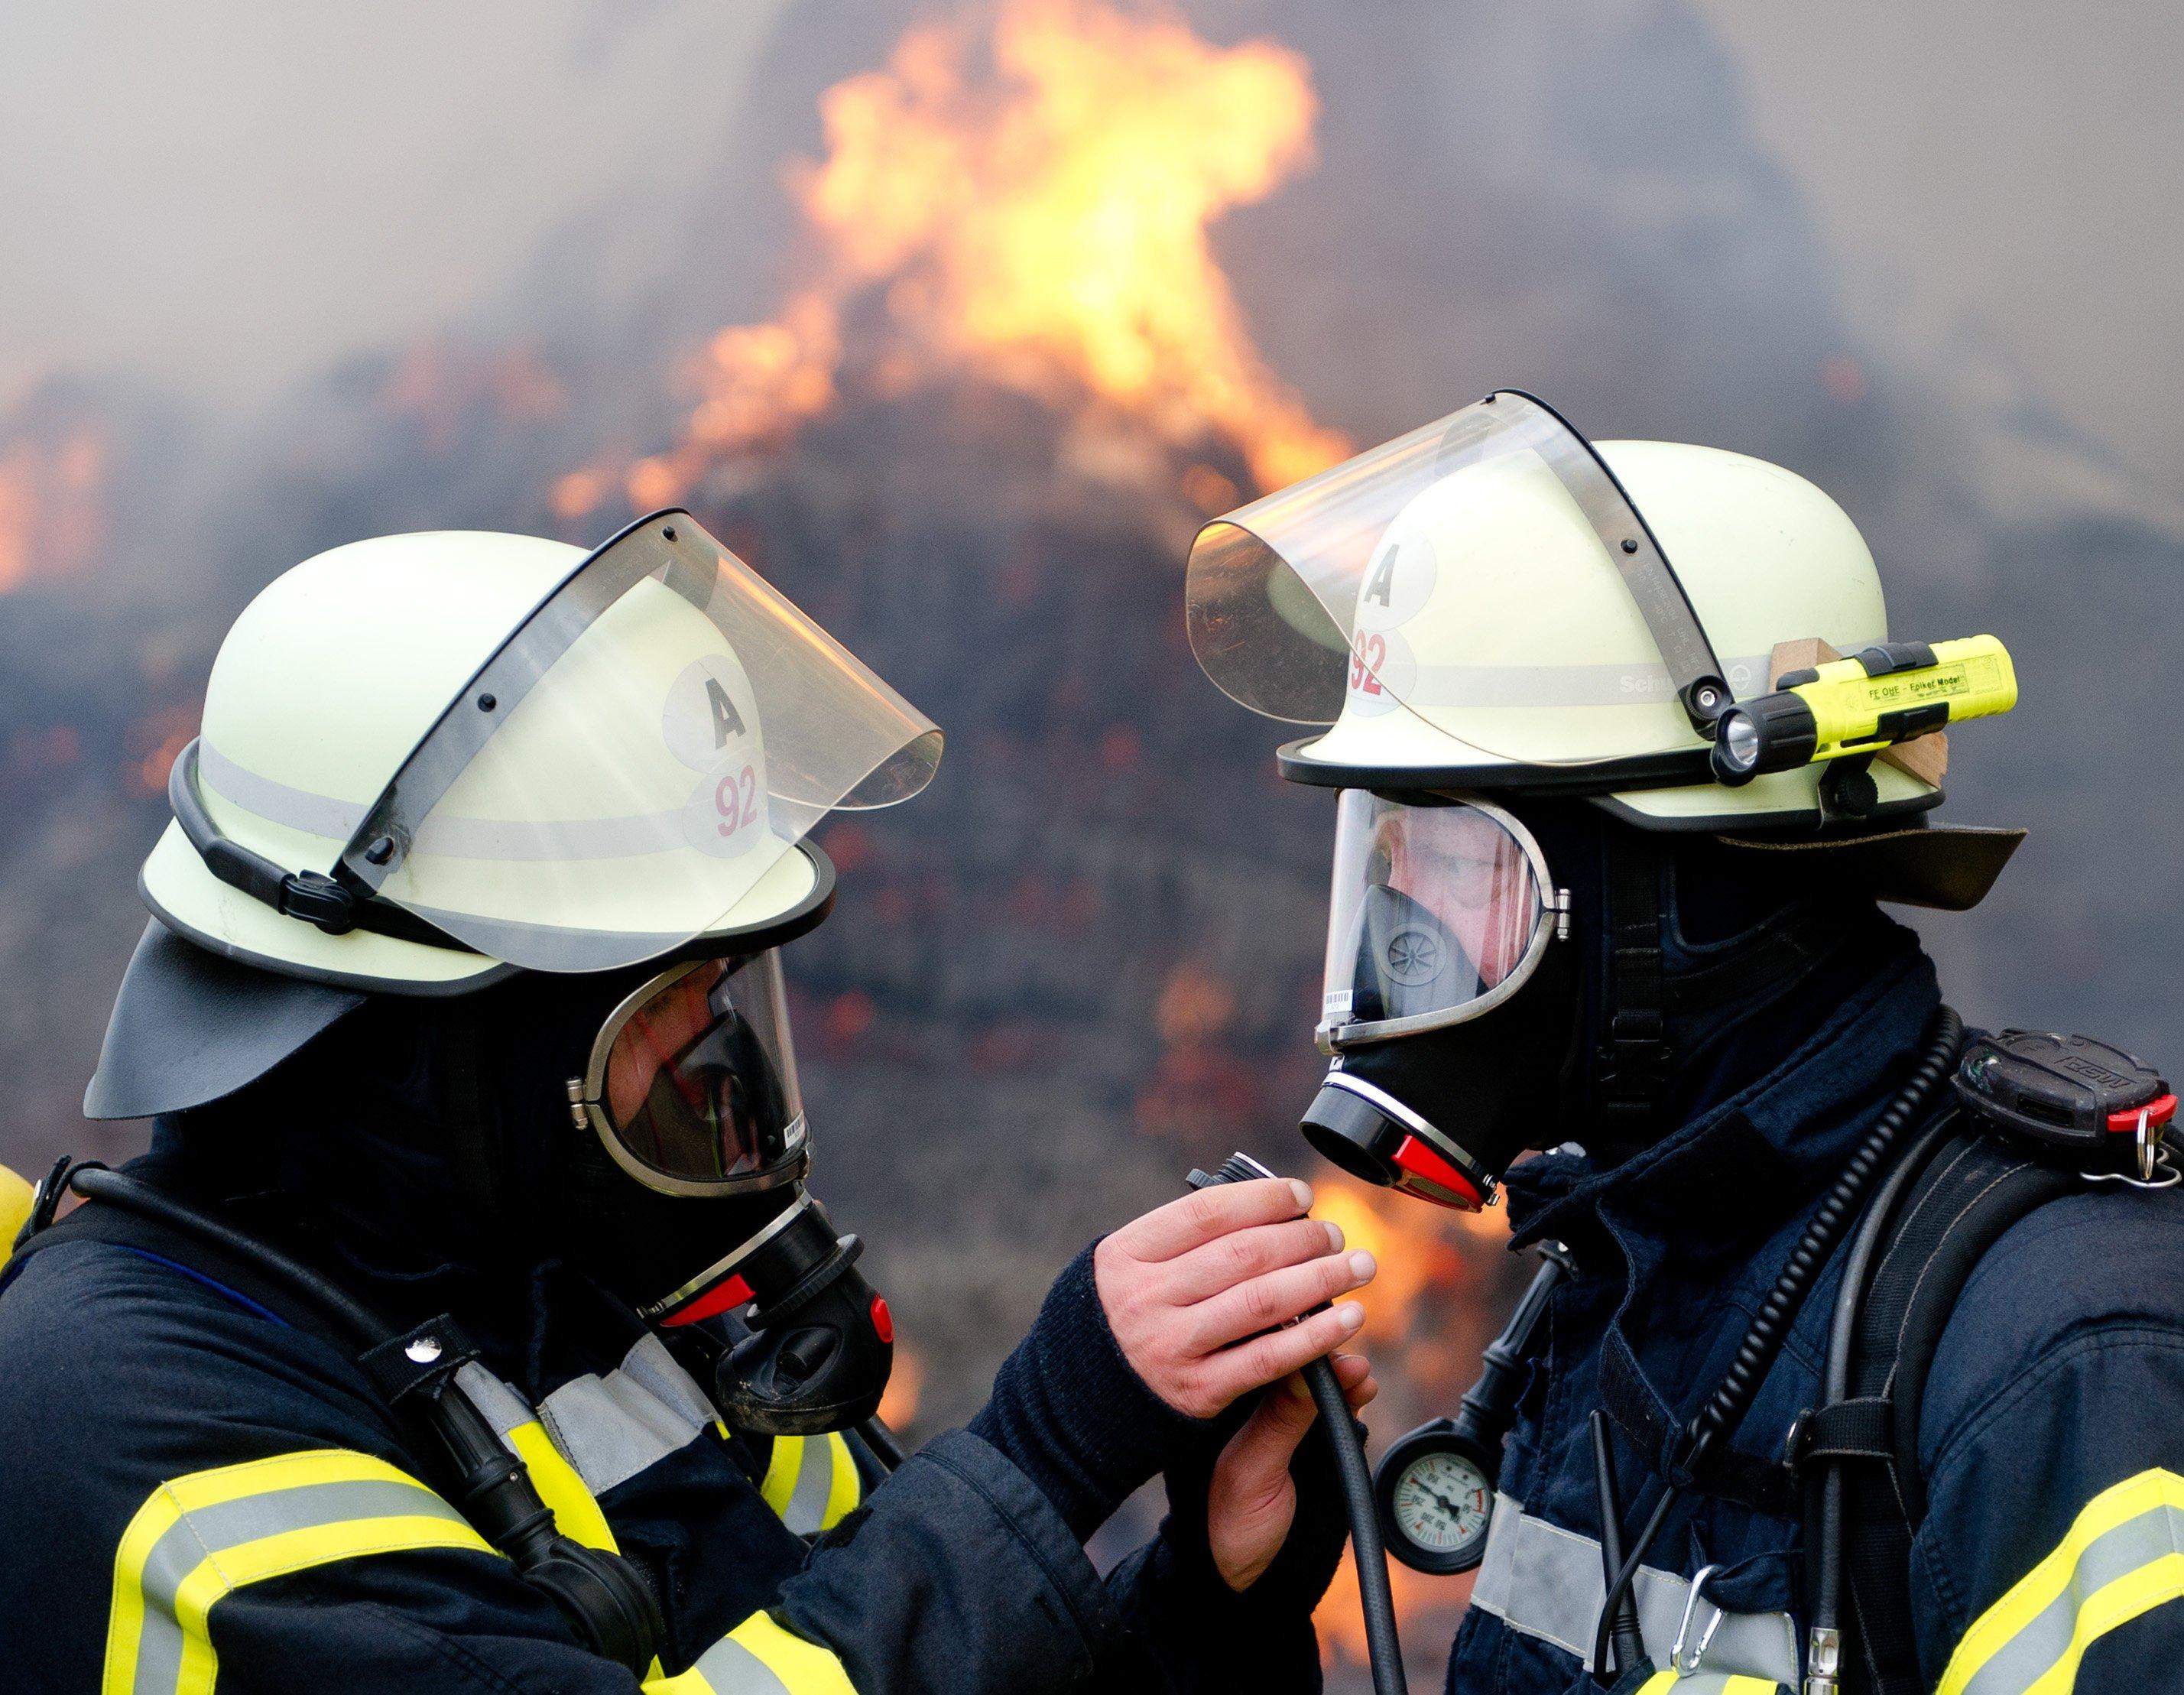 Im Brandfall ist eine Rettung über die Fenster nicht mehr möglich: Das Polystyrol schmilzt bei Hitze und tropft an den Fenstern vorbei. Ist gleichzeitig das Treppenhaus verraucht, verwandelt sich das Haus in eine Todesfalle.